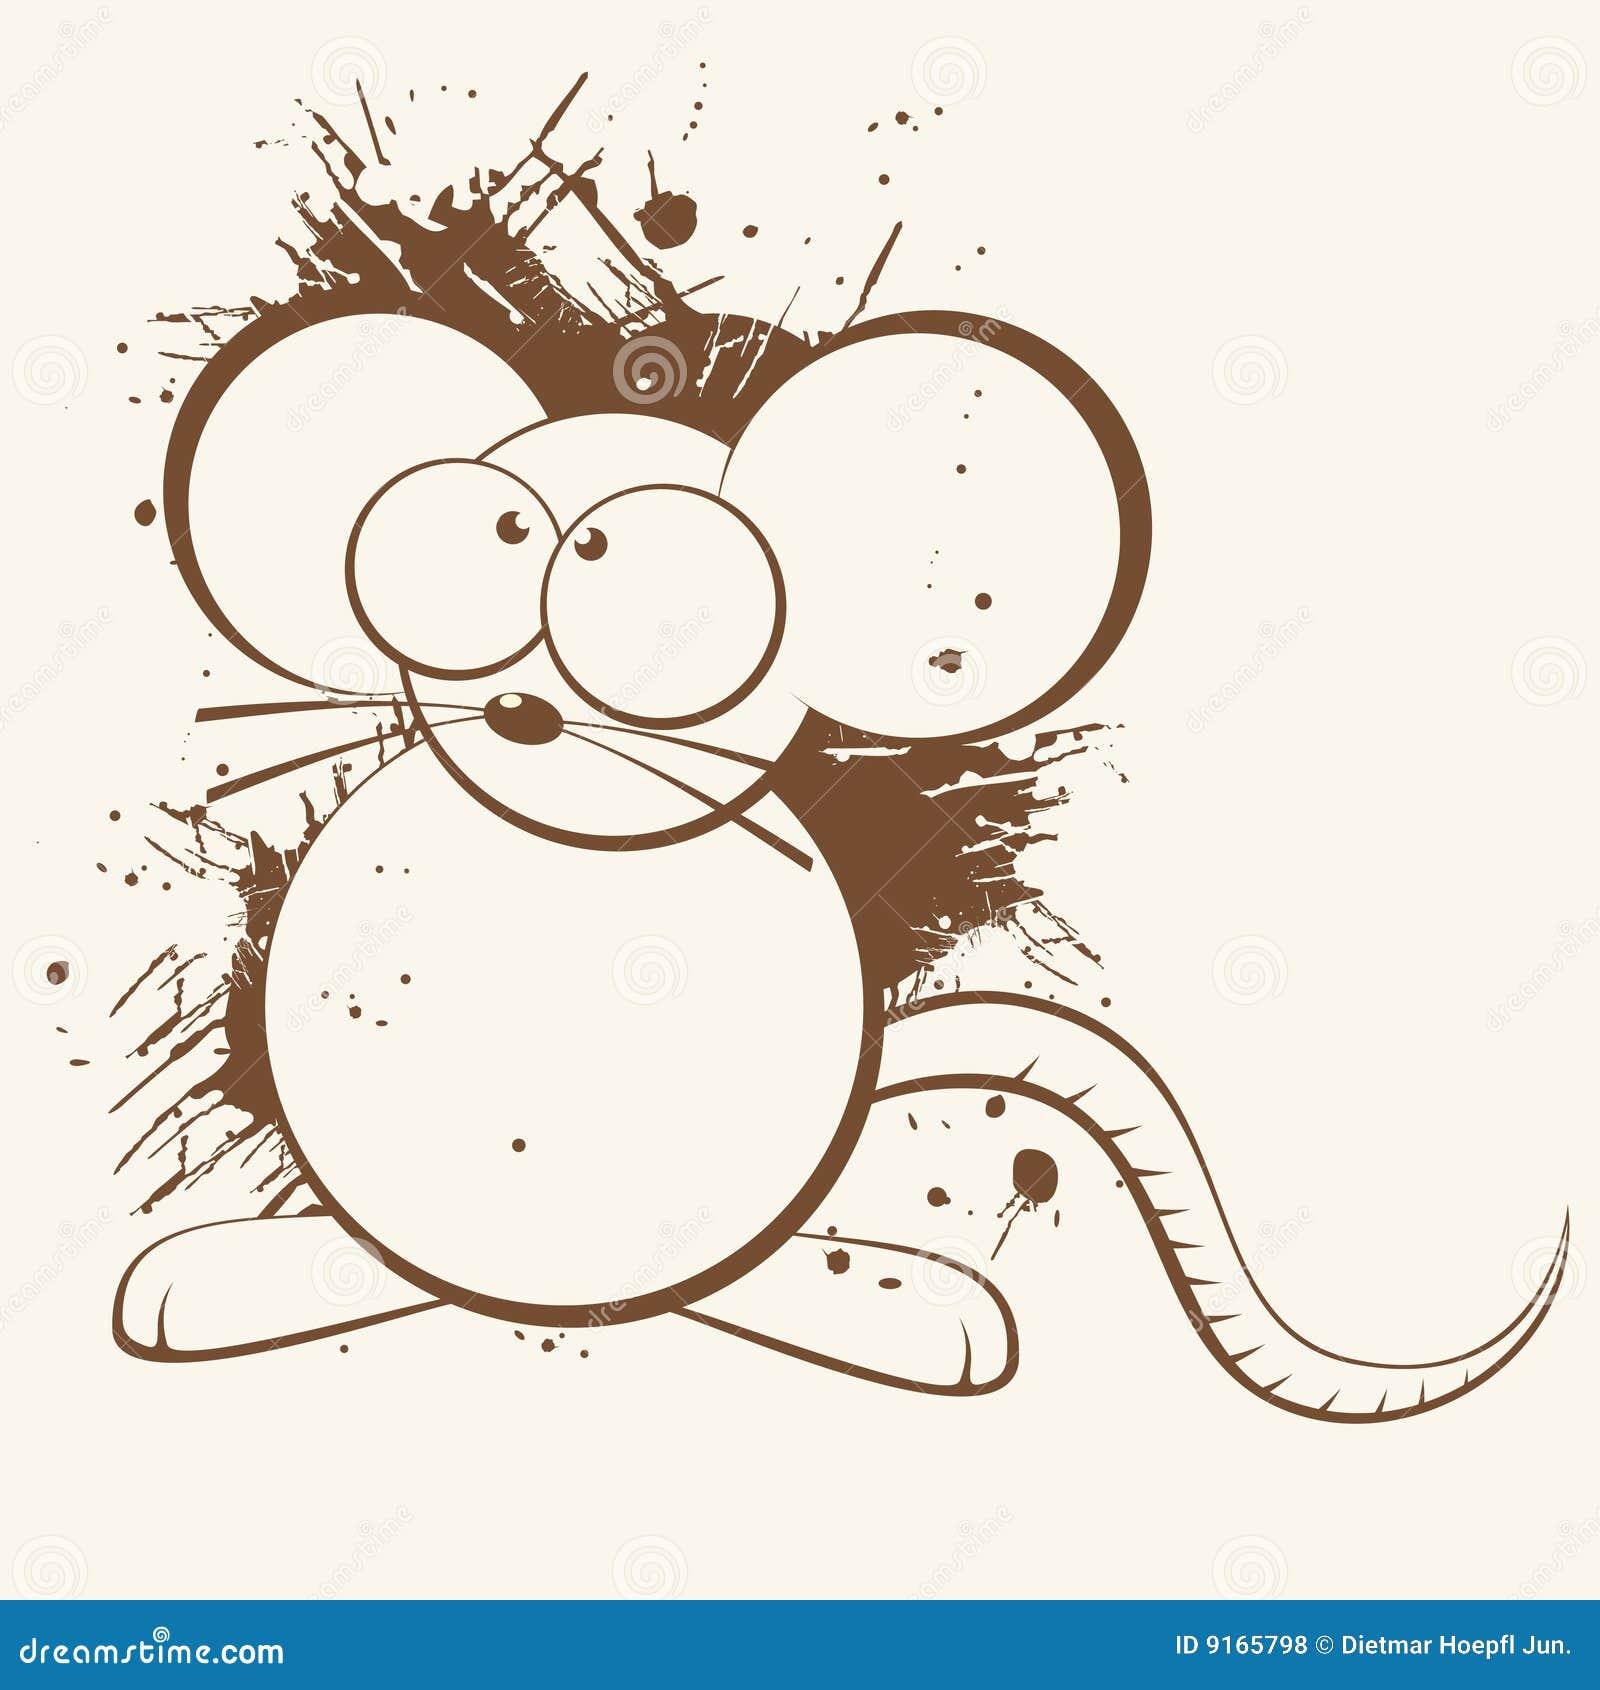 Dessin anim de rat photos libres de droits image 9165798 - Dessin d un rat ...